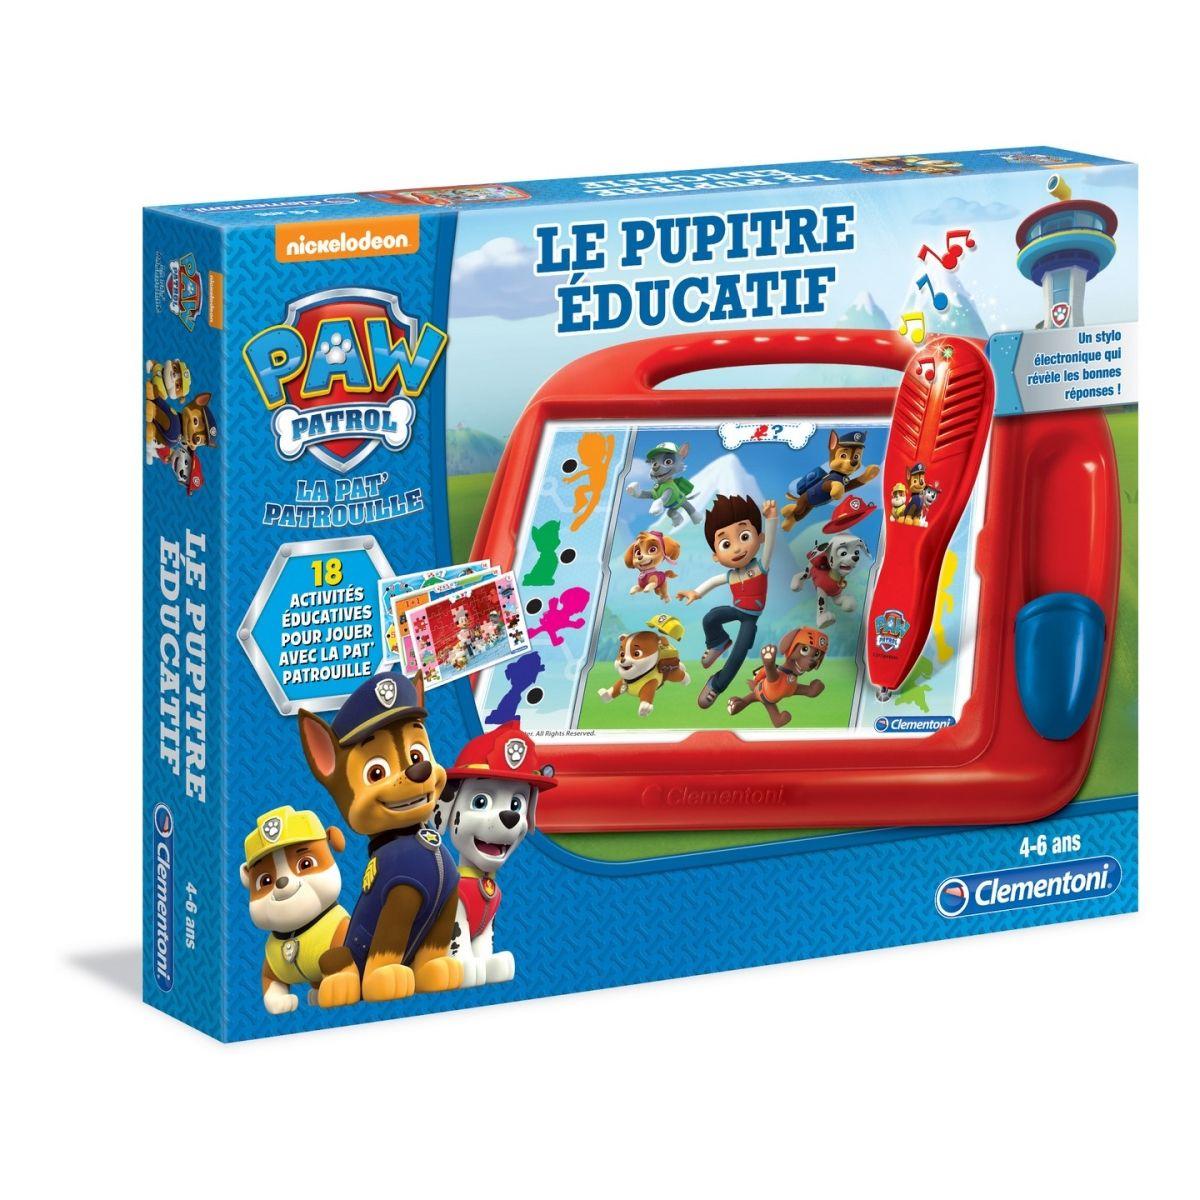 Le Pupitre Éducatif Pat Patrouille - Jeux Éducatifs concernant Jeux Educatif 9 Ans